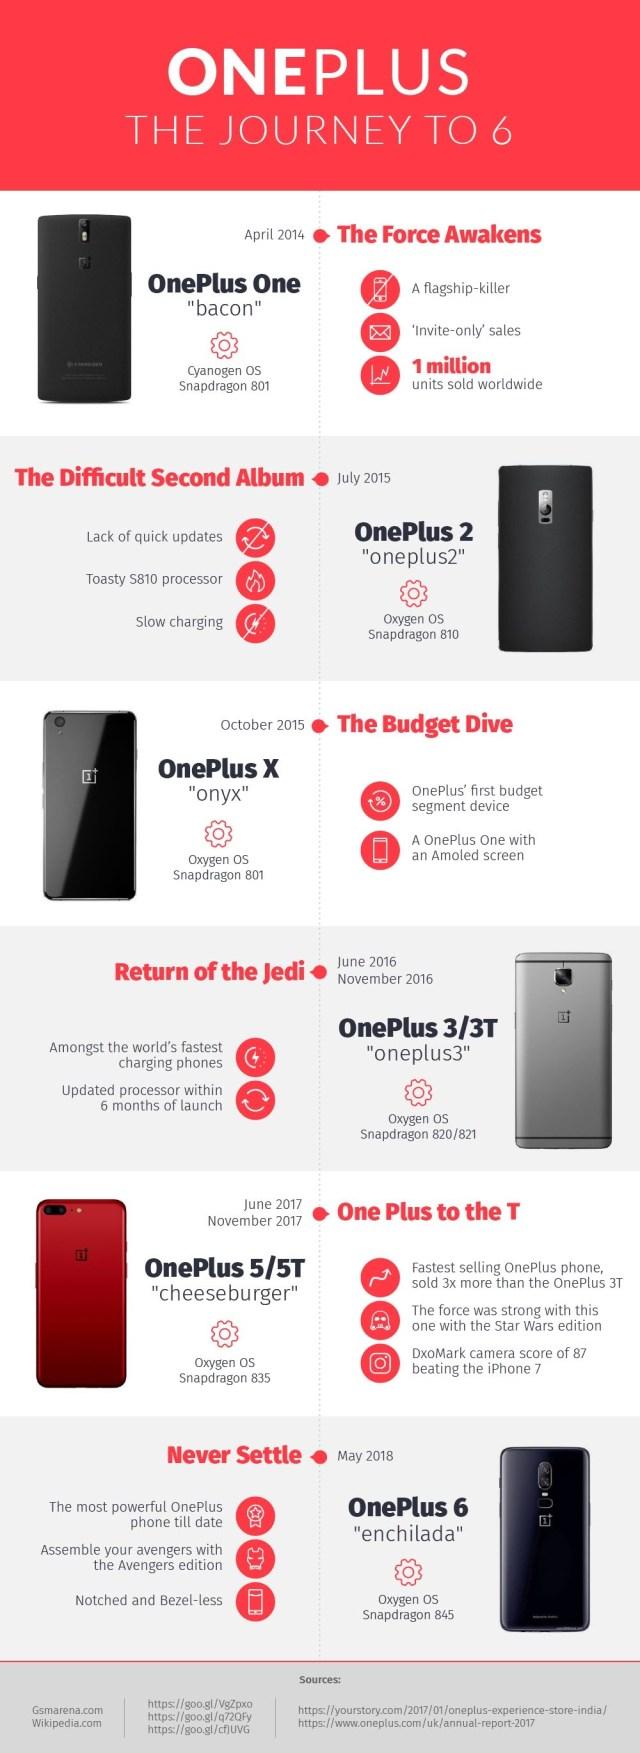 OnePlus Journey info